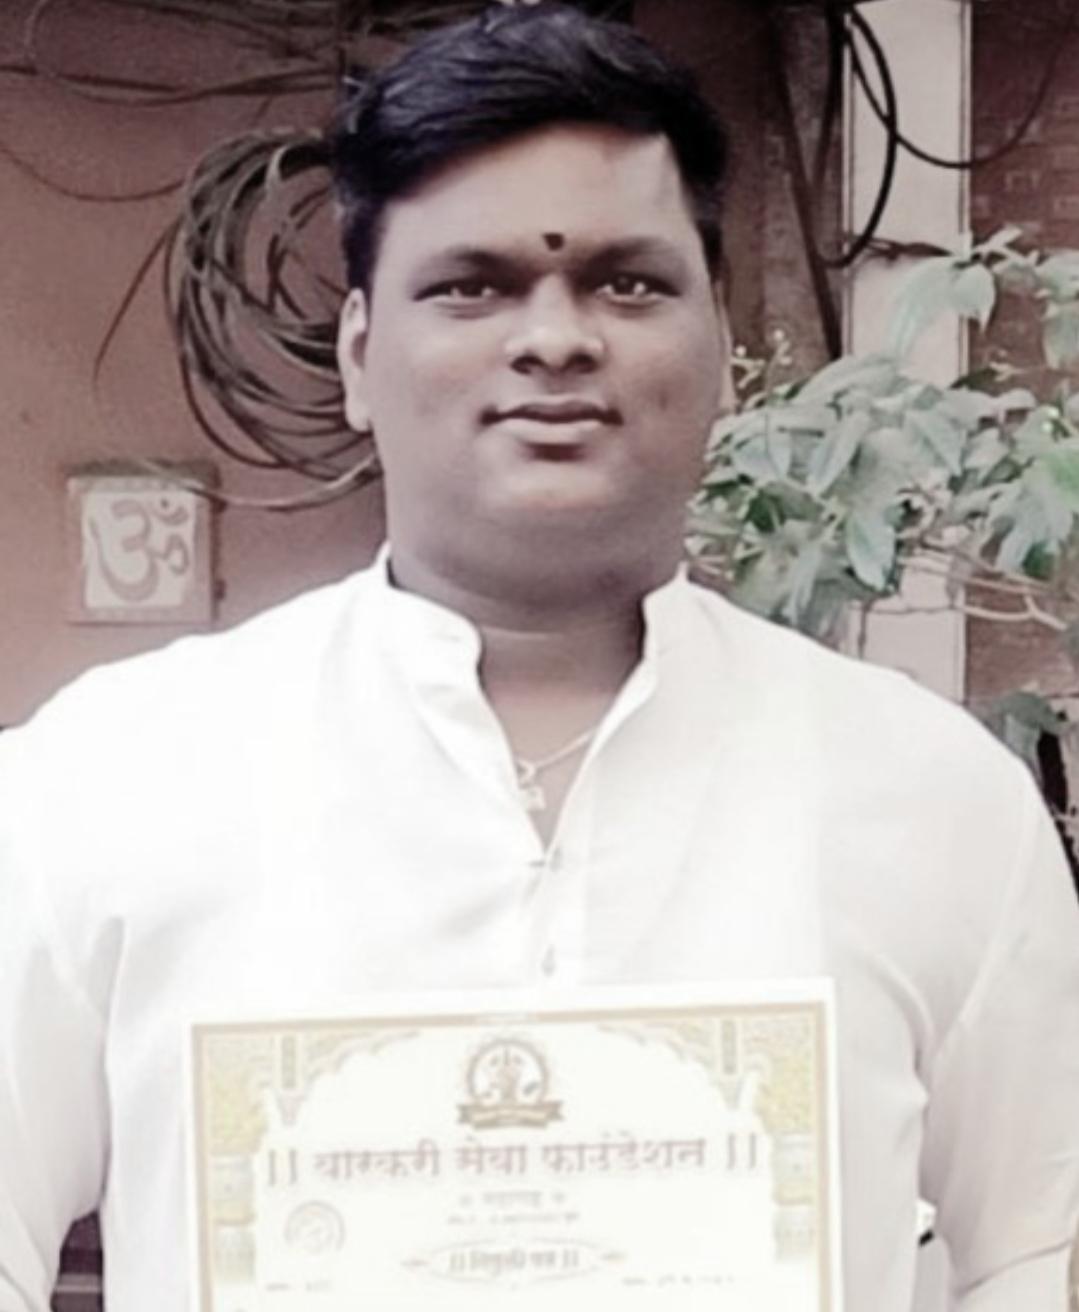 Adarsh Maharashtra | वारकरी सेवा फाऊंडेशनच्या घाटकोपर उपाध्यक्षपदी हभप प्रतिक केसरकर